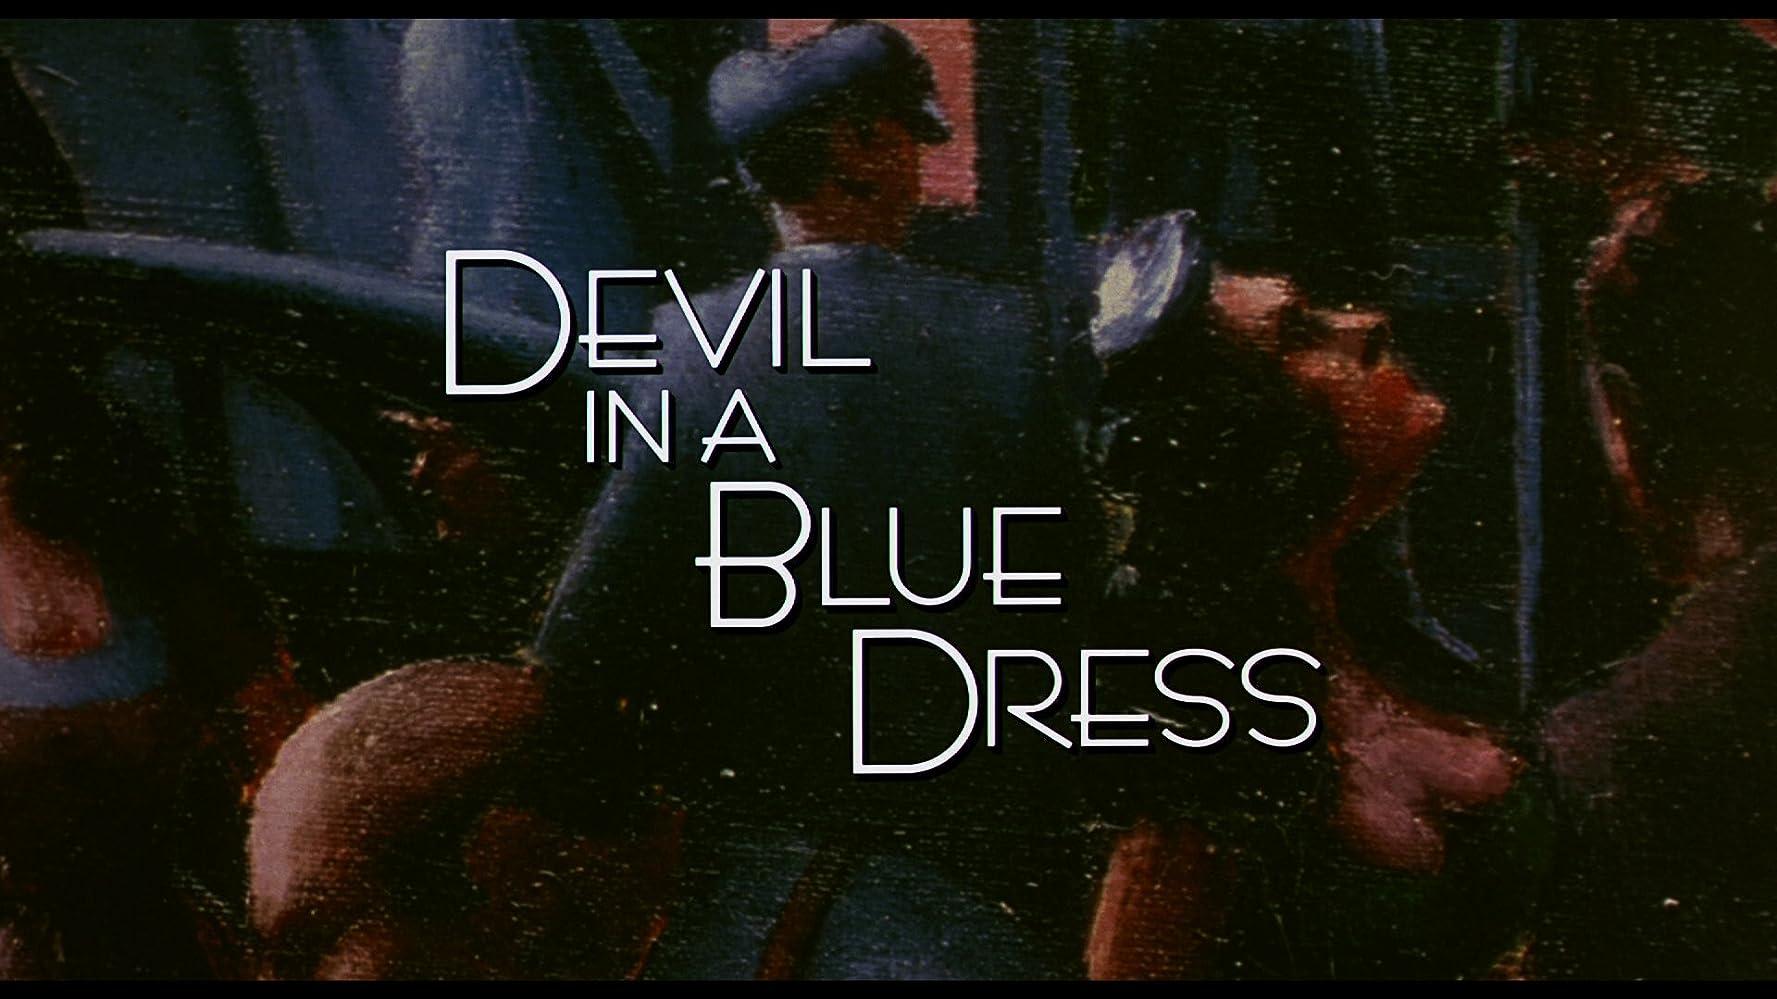 Book dress devil in a blue